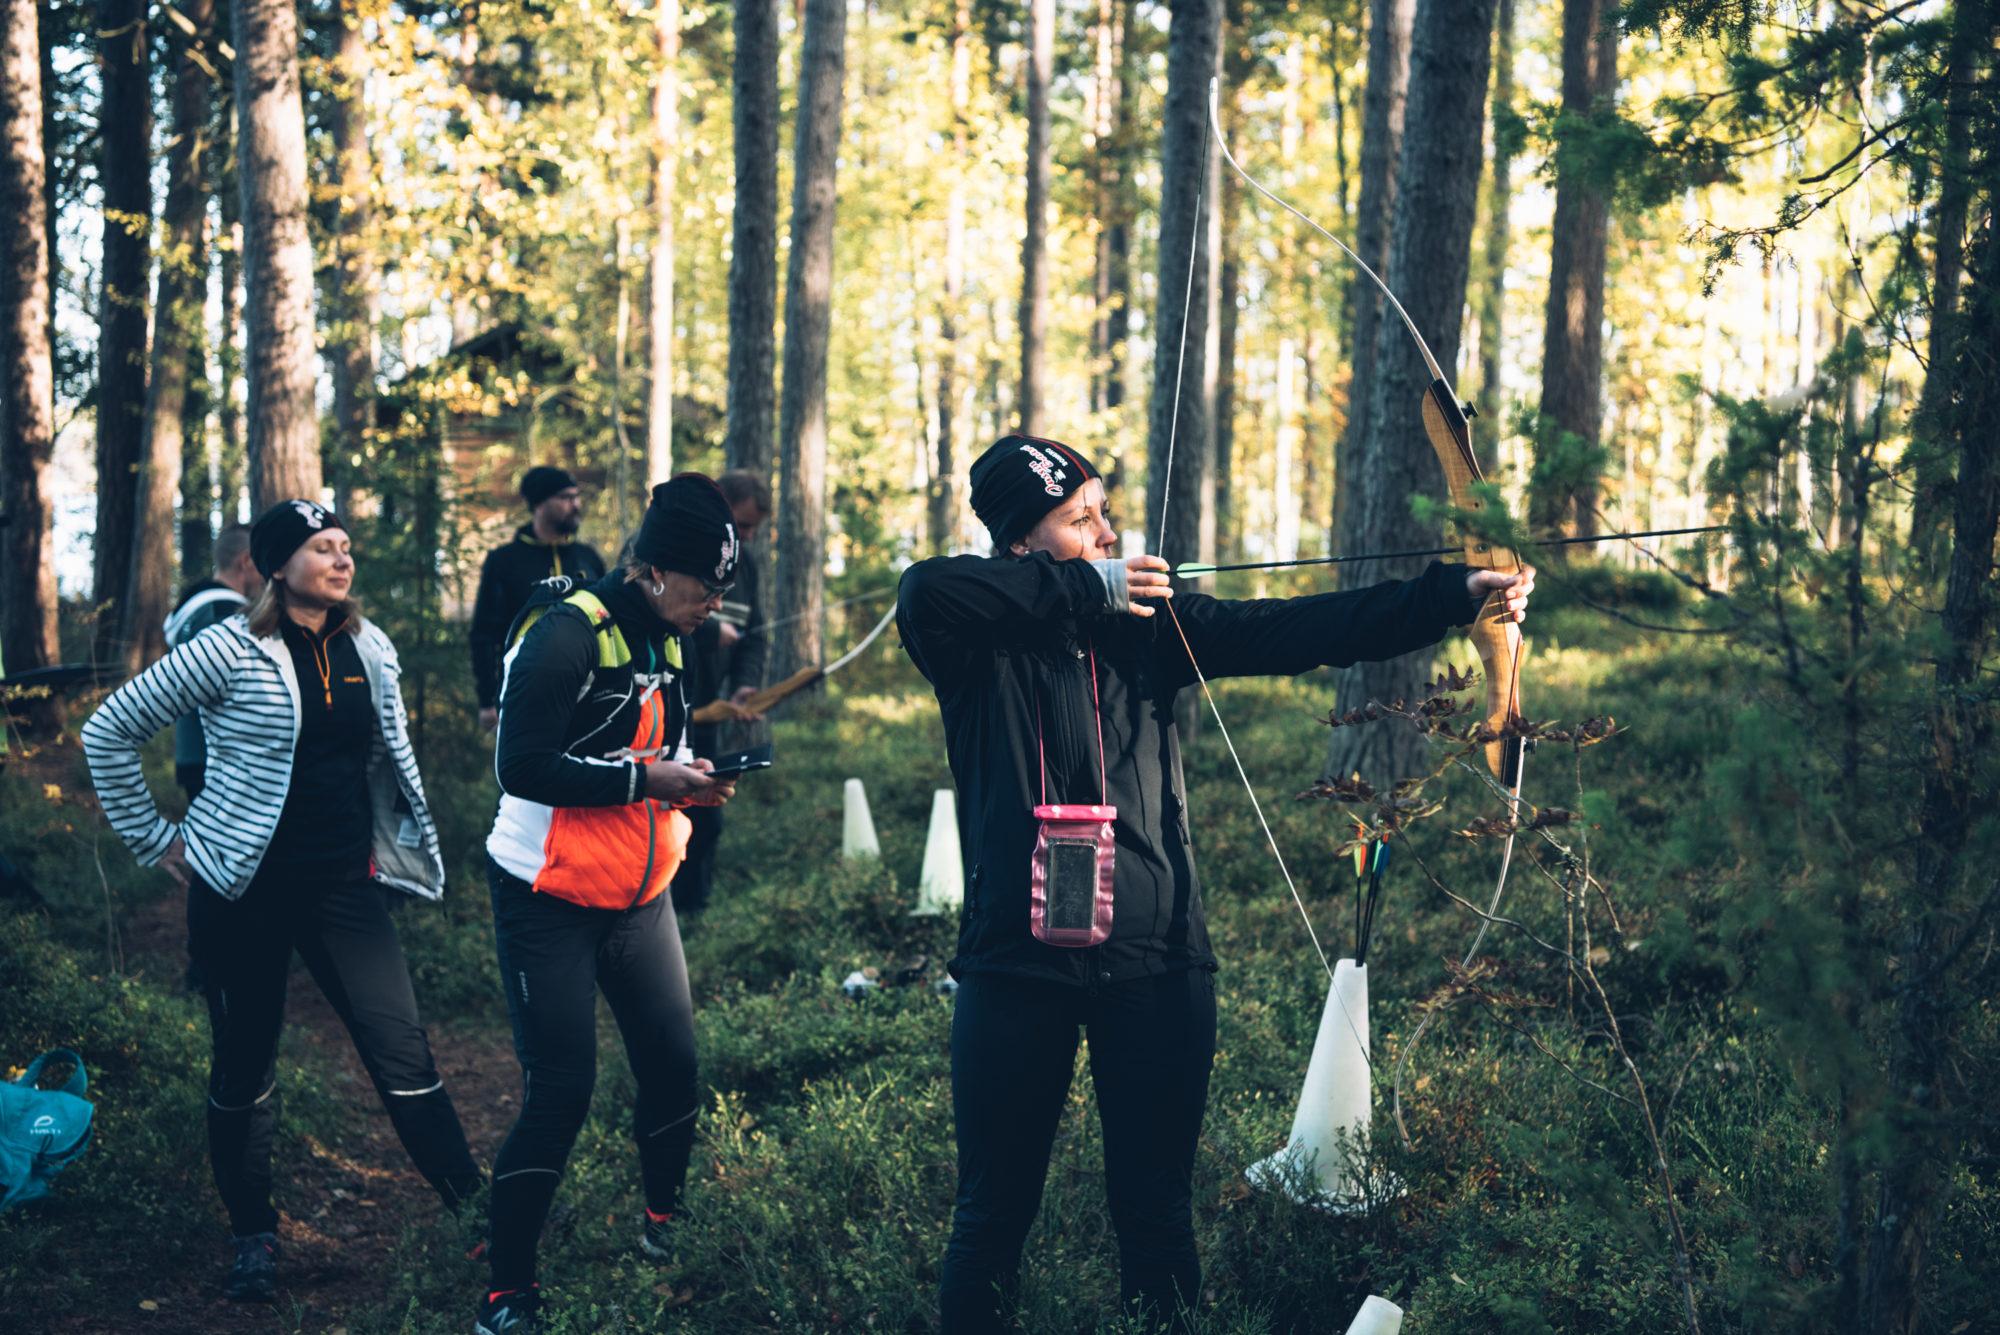 Eerikkilä Challenge Liesjärven kansallispuisto